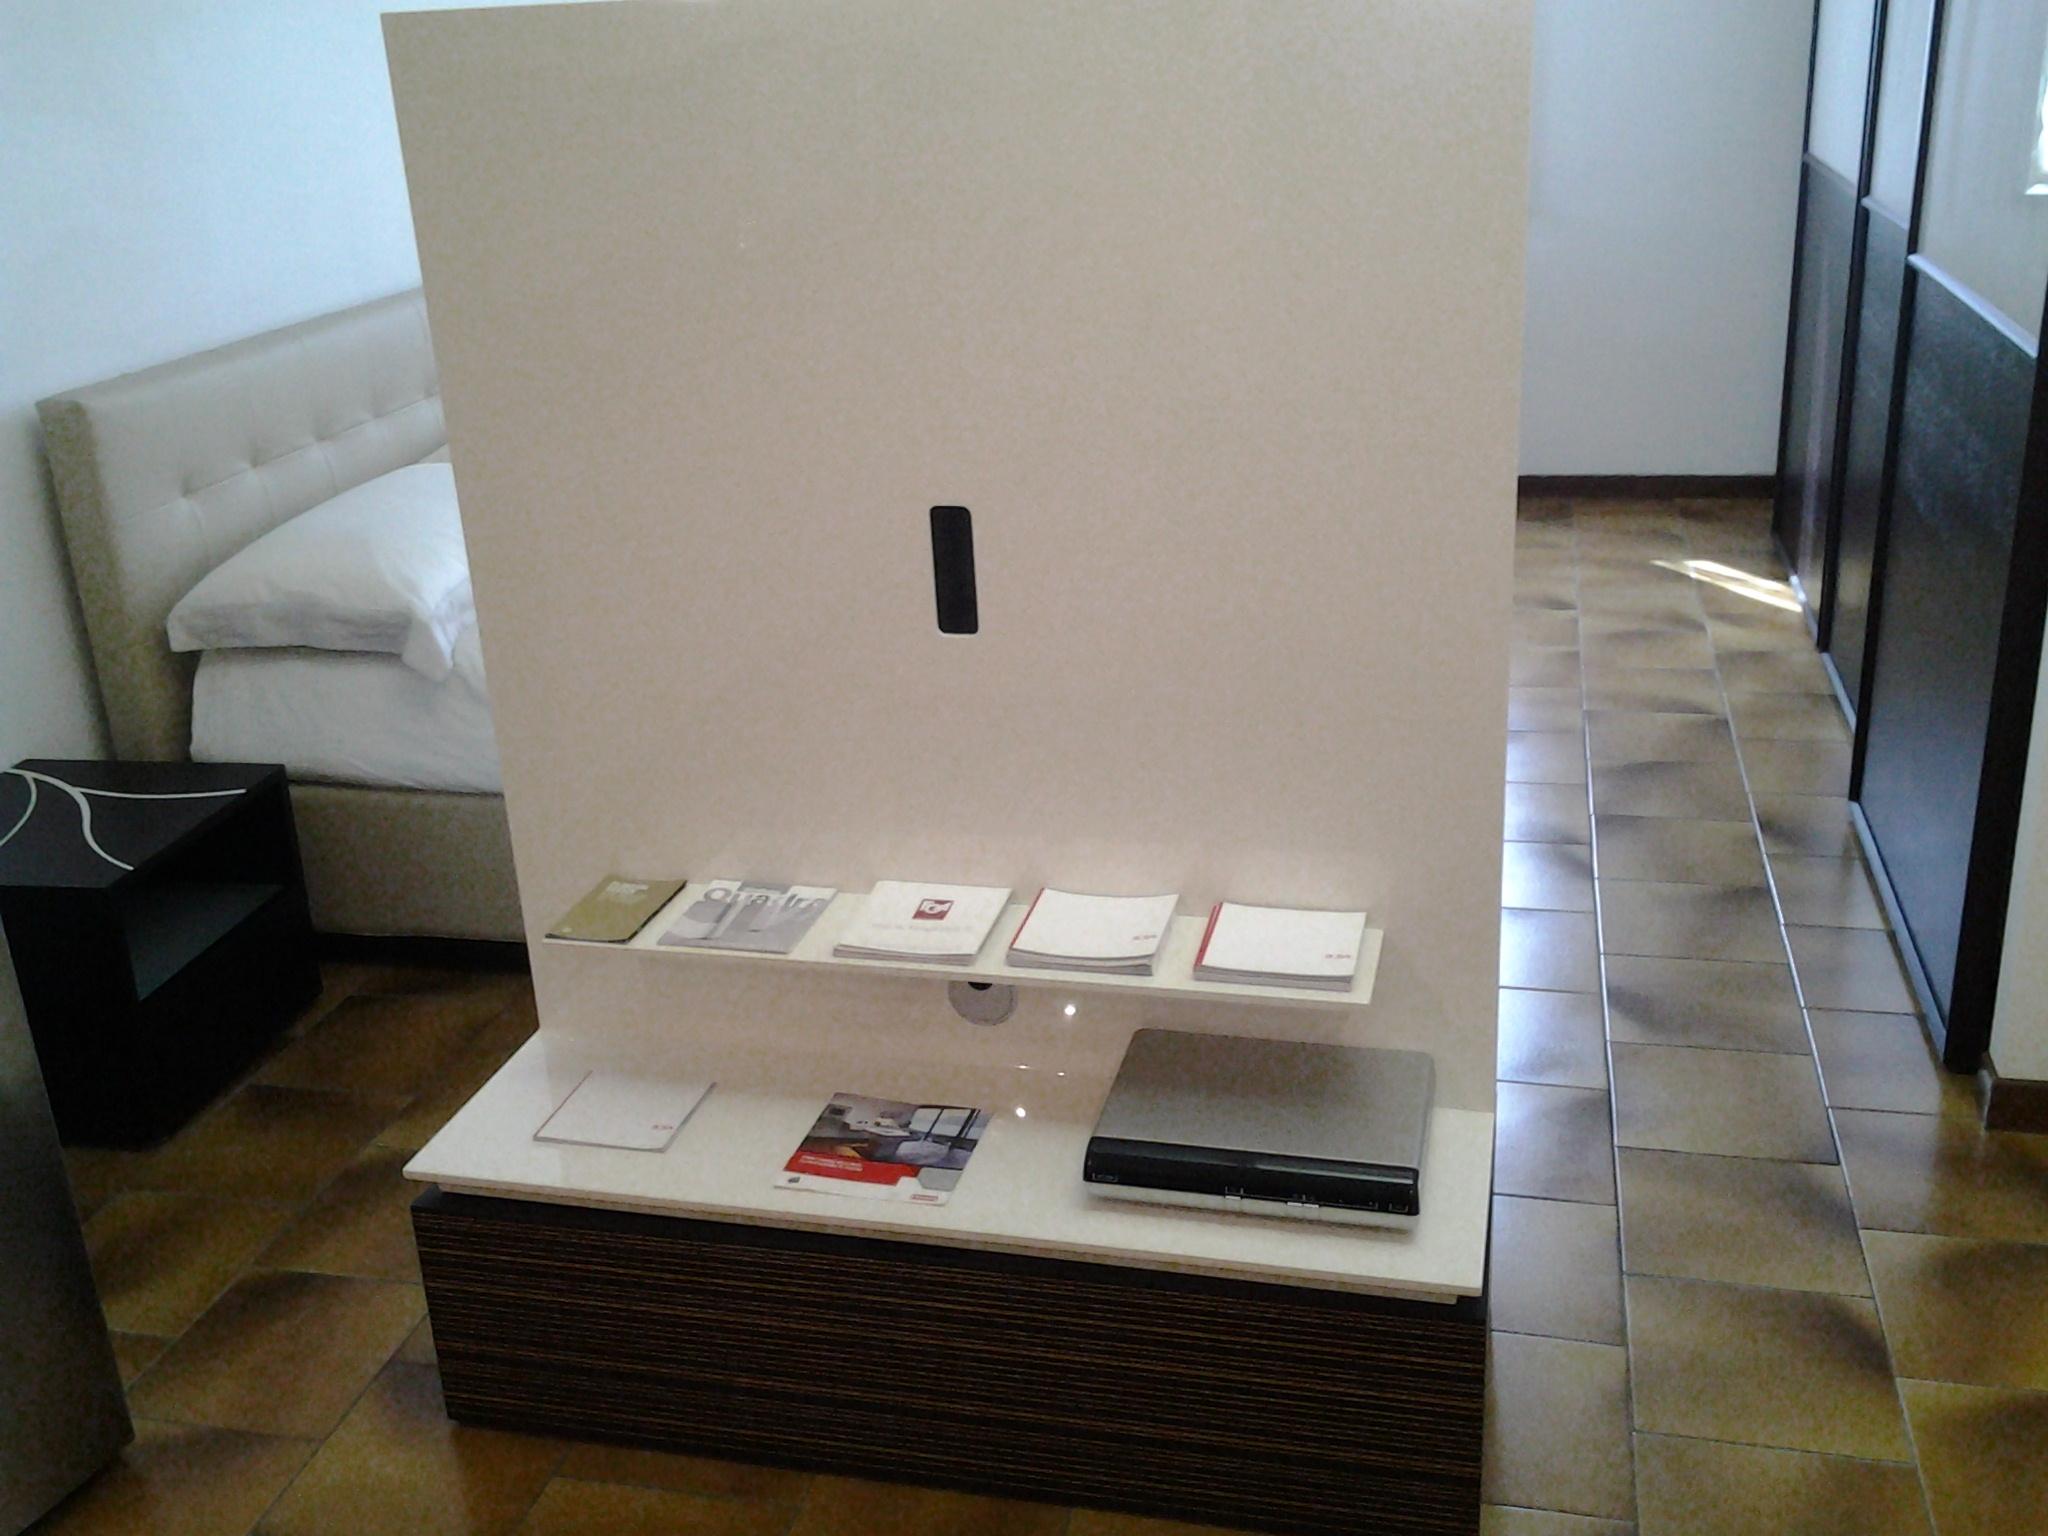 Mobile porta tv girevole legno e laccato lucido complementi a prezzi scontati - Mobile porta tv girevole design ...